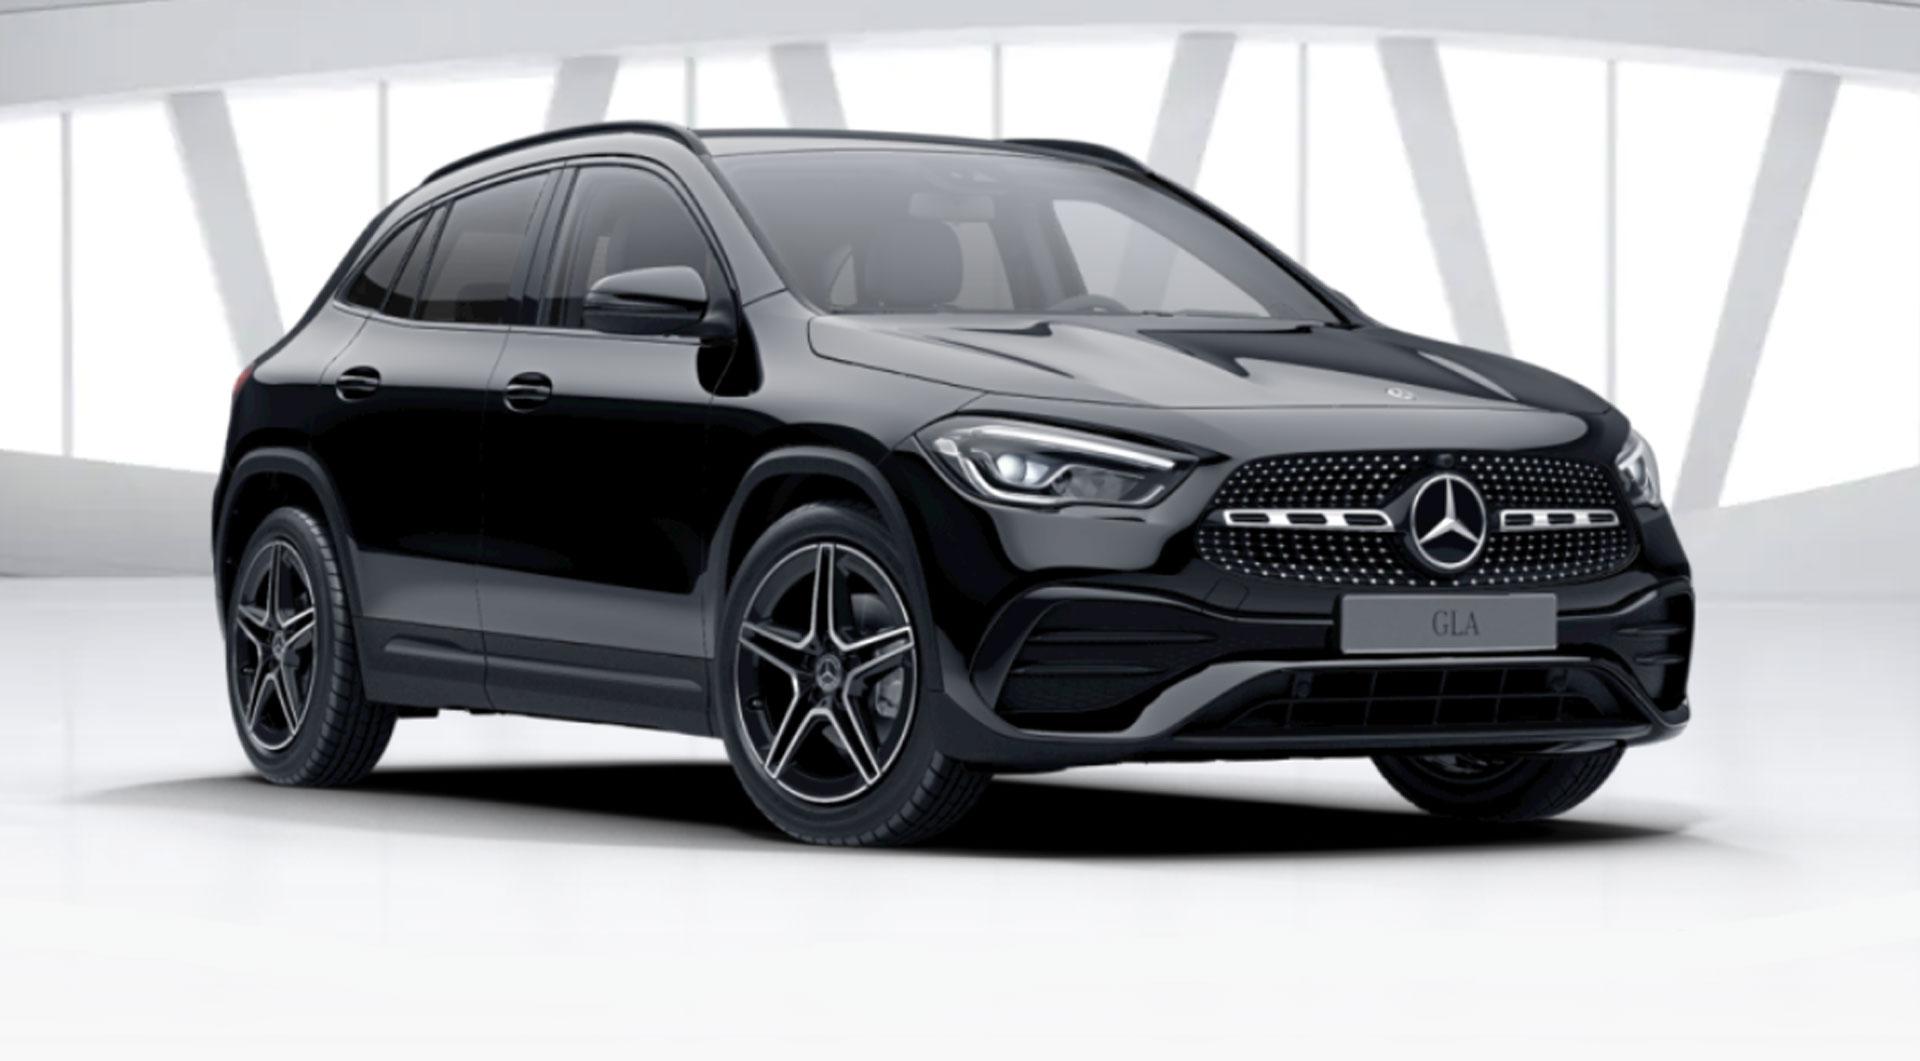 Mercedes-Benz GLA-Class 0152600702